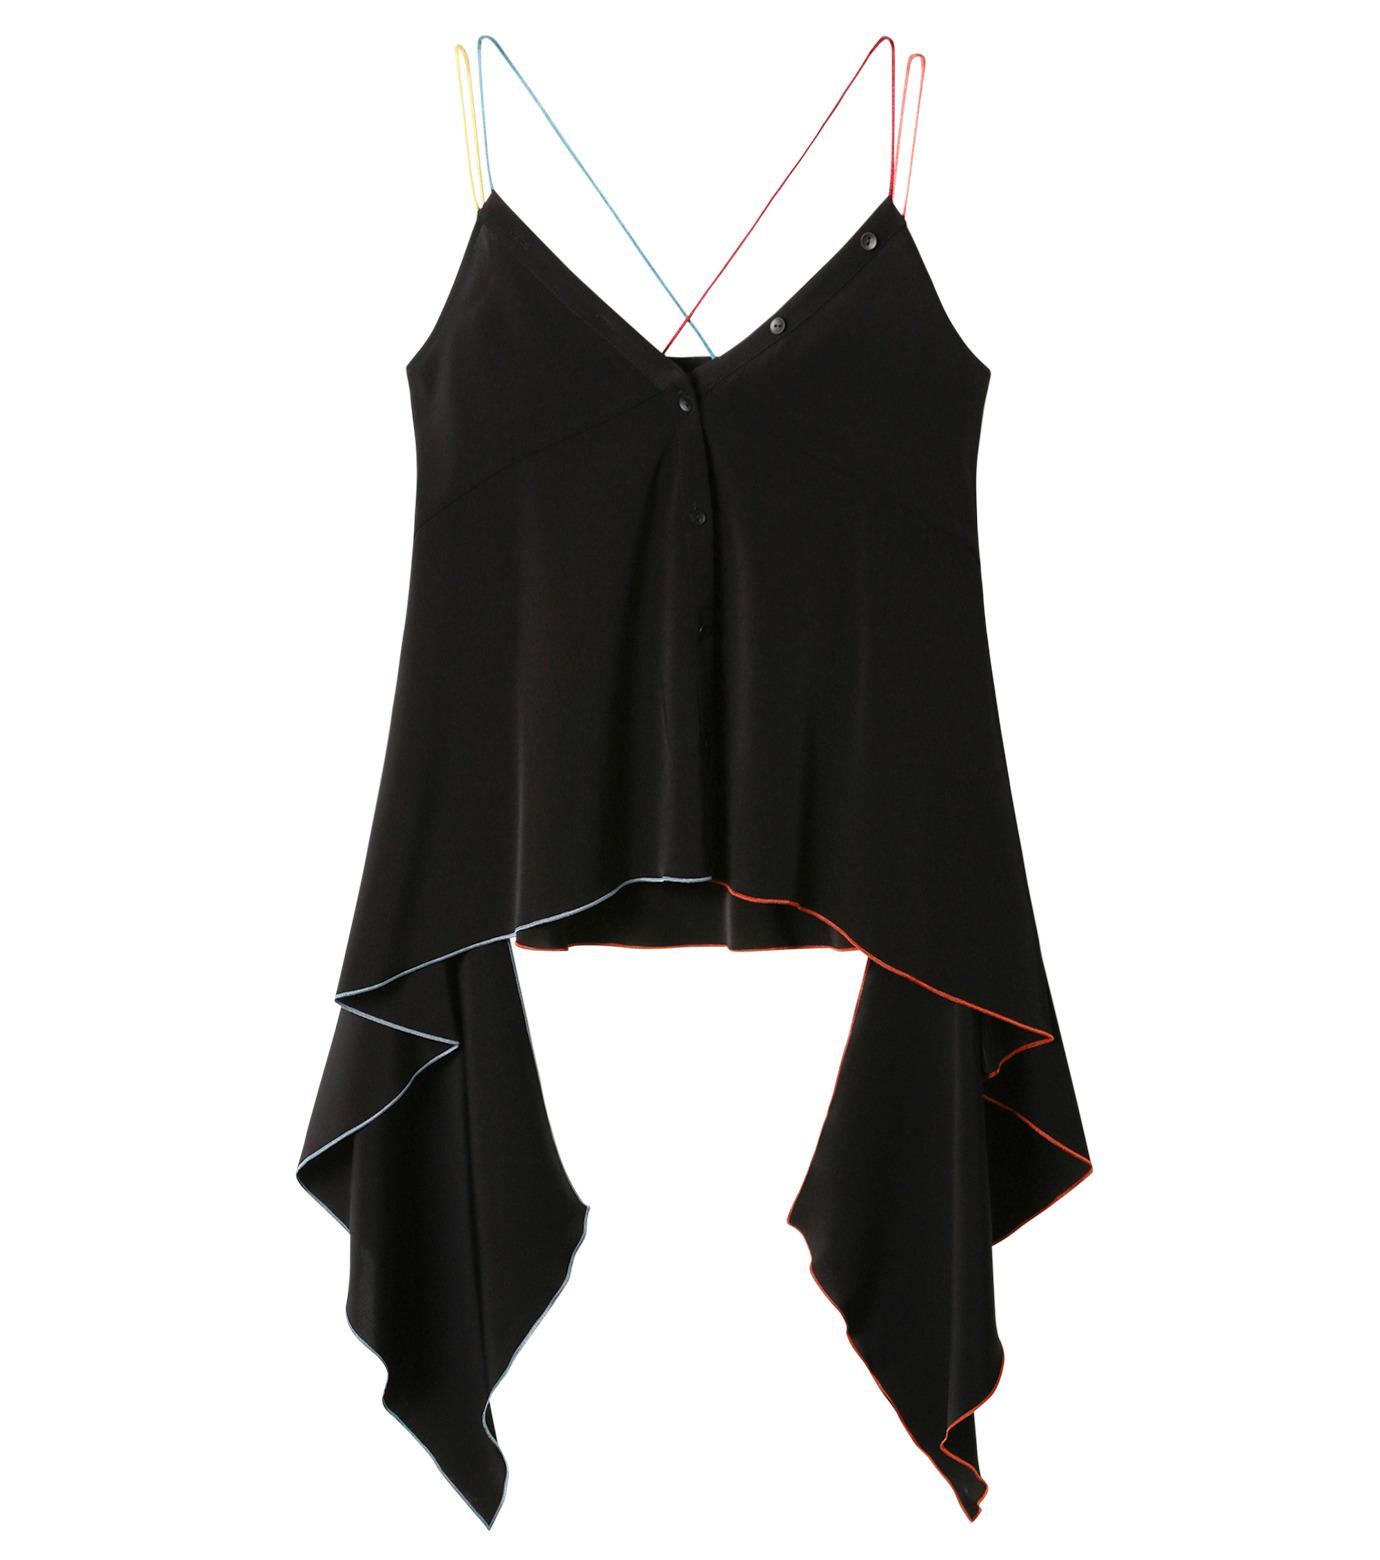 芸能人がメレンゲの気持ちで着用した衣装スカート、ニット、キャミソール